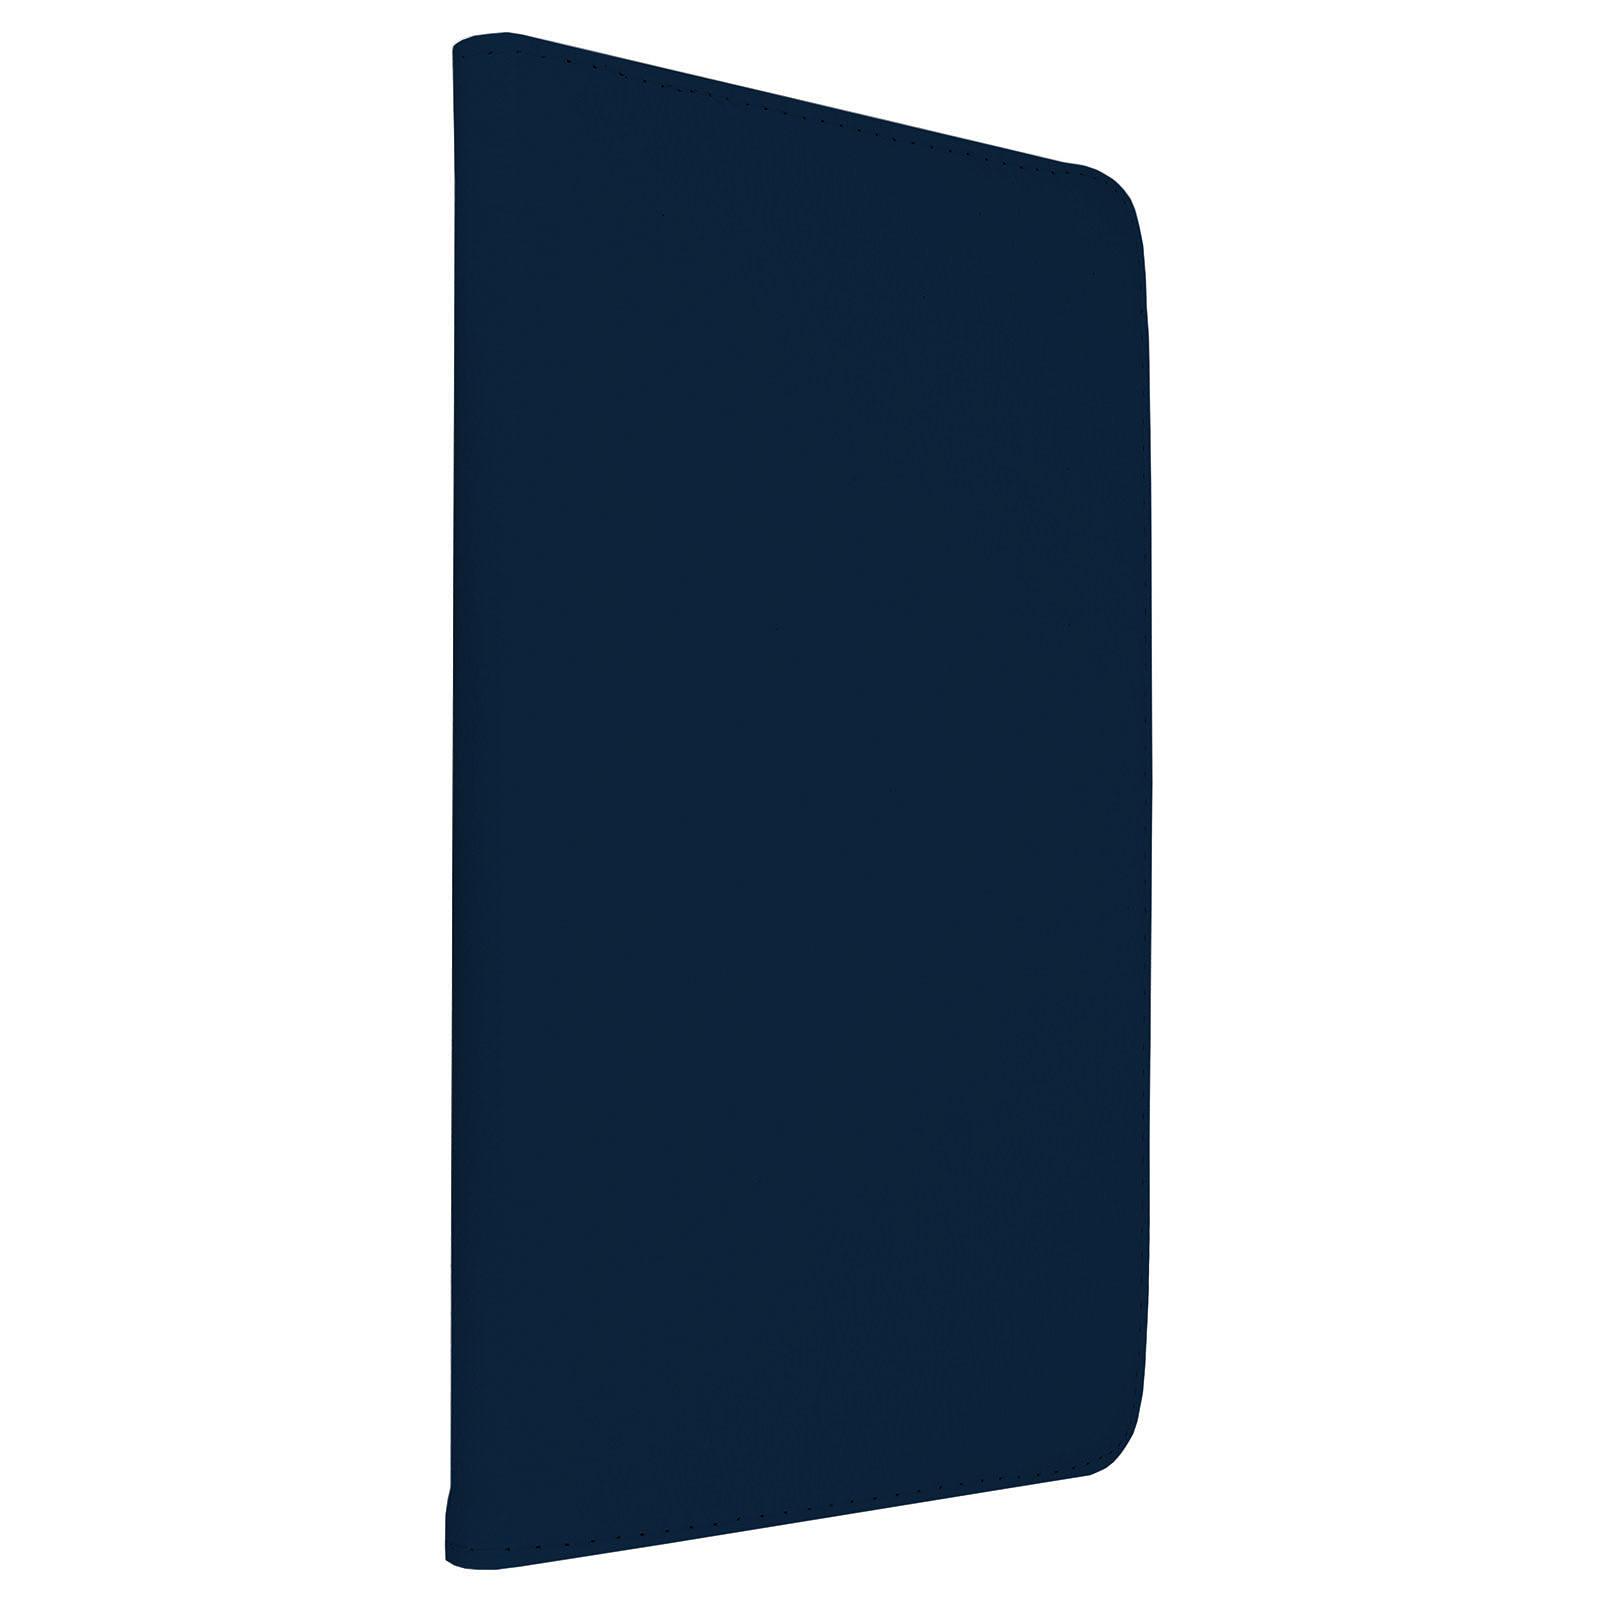 """Akashi Etui Folio Galaxy Tab A6 10.1"""" Bleu marine"""